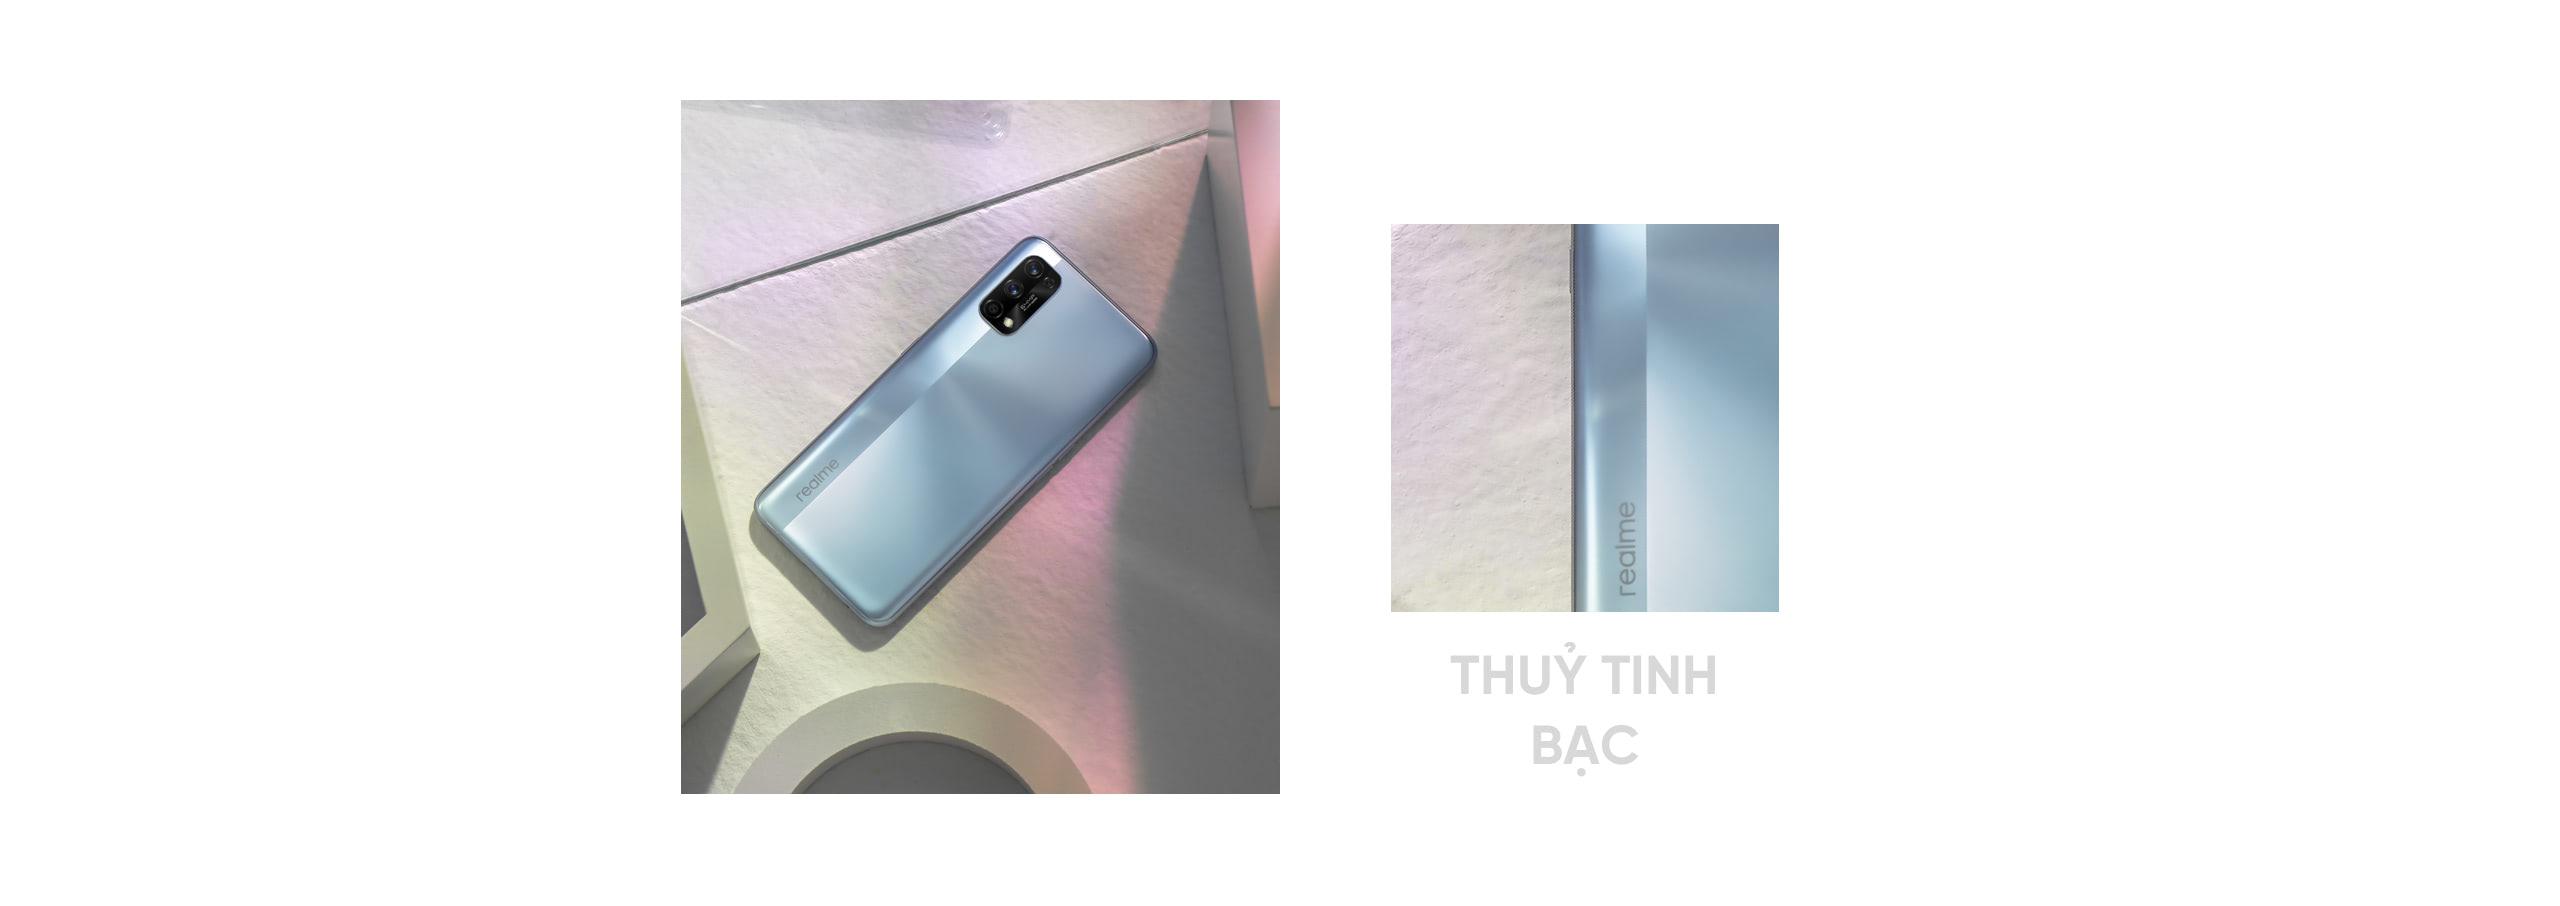 Sforum - Trang thông tin công nghệ mới nhất 25 Realme 7 và Realme 7 Pro ra mắt tại VN: Nhiều tính năng hấp dẫn, giá từ 6.99 triệu đồng